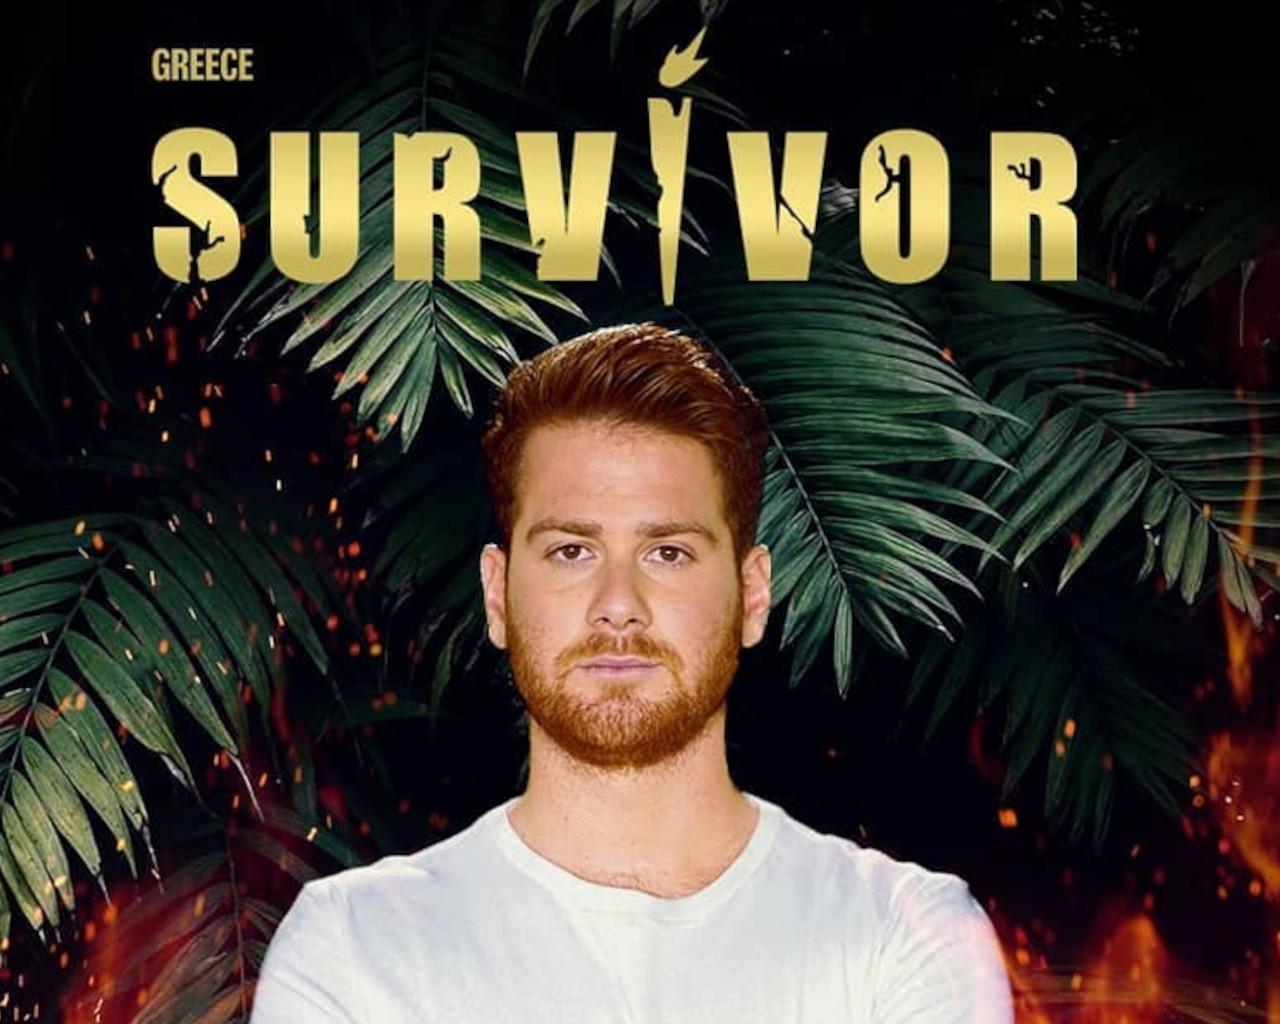 survivor 4, survivor 4 ασυλία,survivor 4 spoiler,survivor 4 skai,survivor 4 παίκτες,survivor 4 trailer,survivor 4 αποχωρηση,survivor 4 διασημοι,survivor 4 μαχητες,survivor 4 τζεημς καφετζης